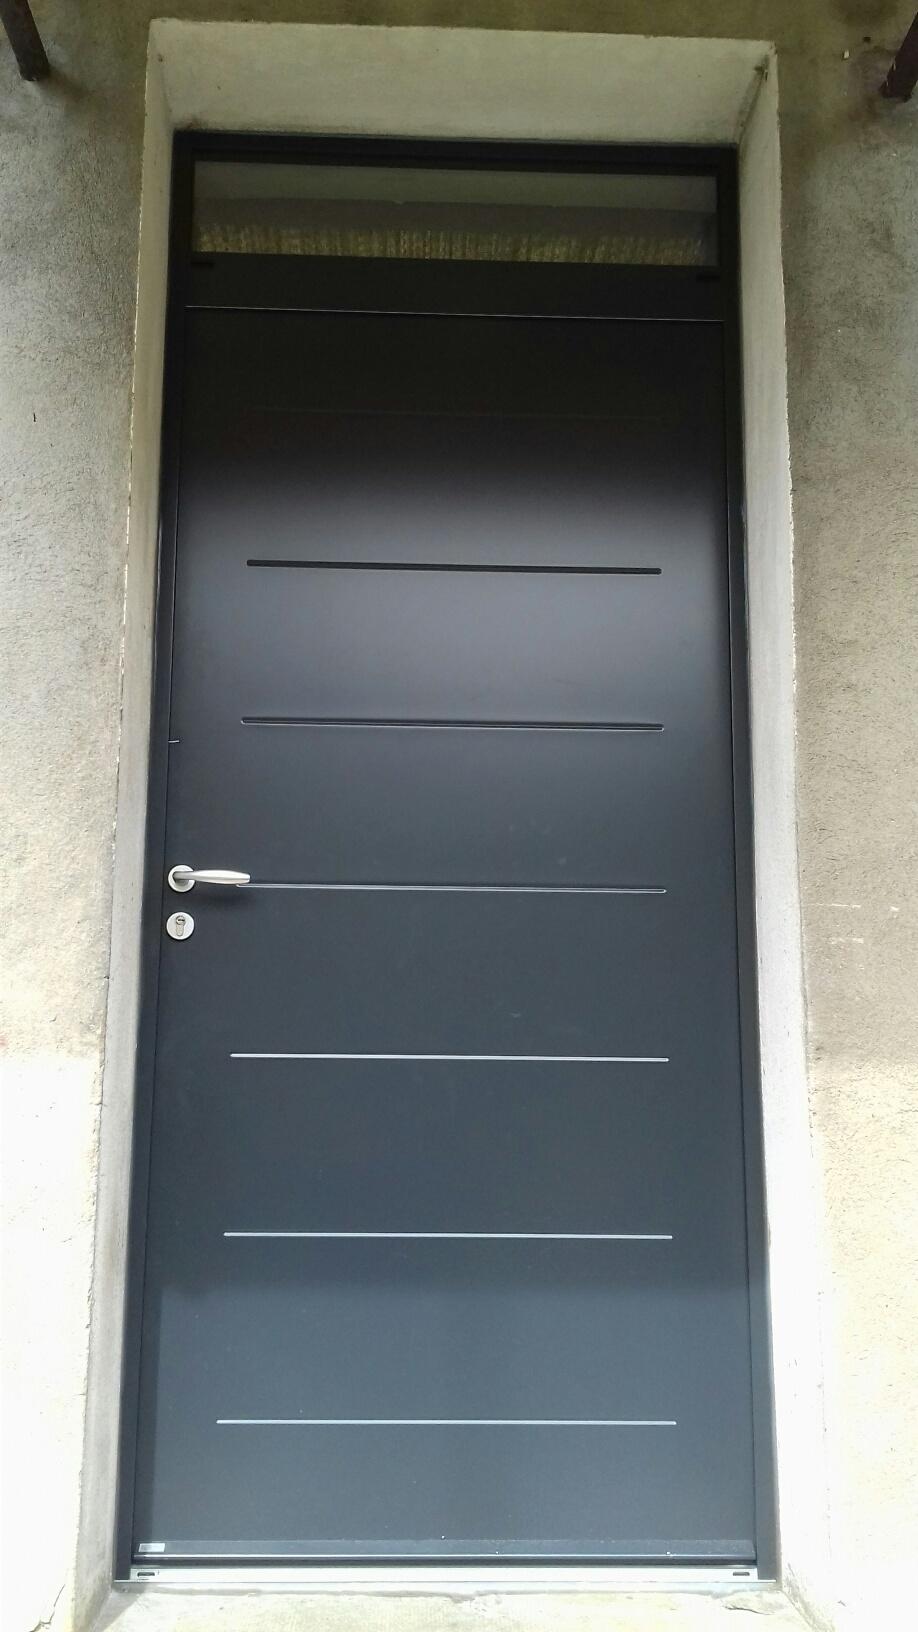 Porte d'entrée acier gris anthracite en rénovation dépose totale de l'ancien dormant bois, le meilleur rapport isolation / prix.